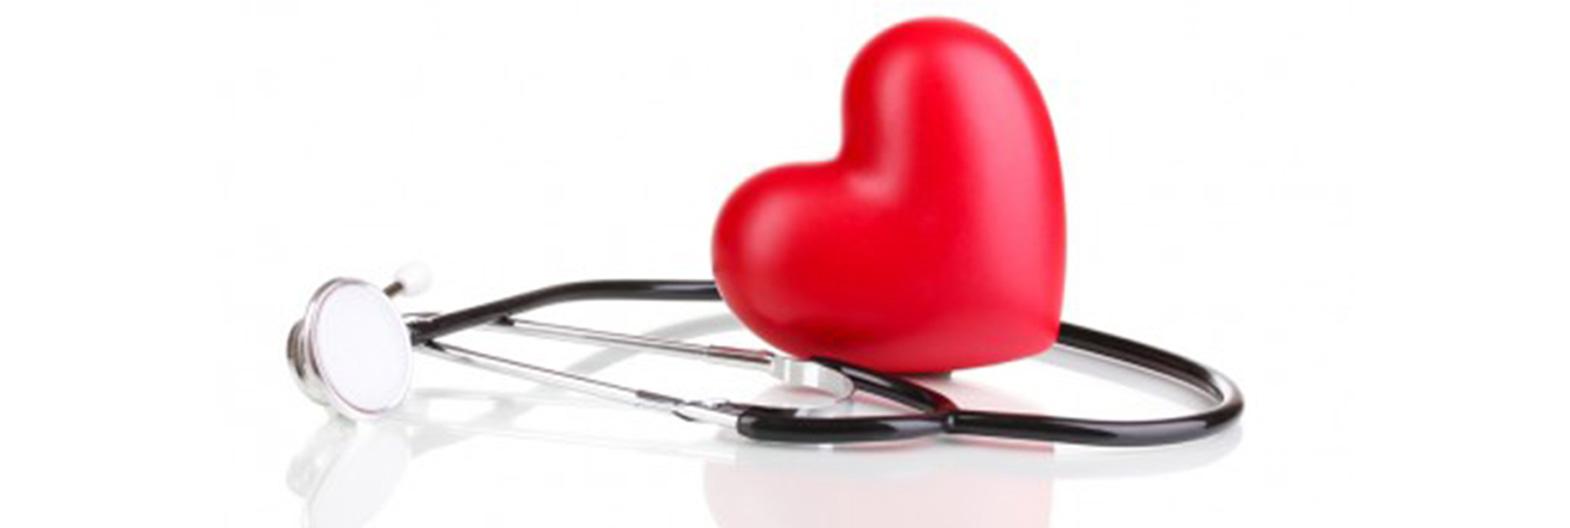 hipertenzijos gydymo kompleksas kas yra PA hipertenzijai gydyti